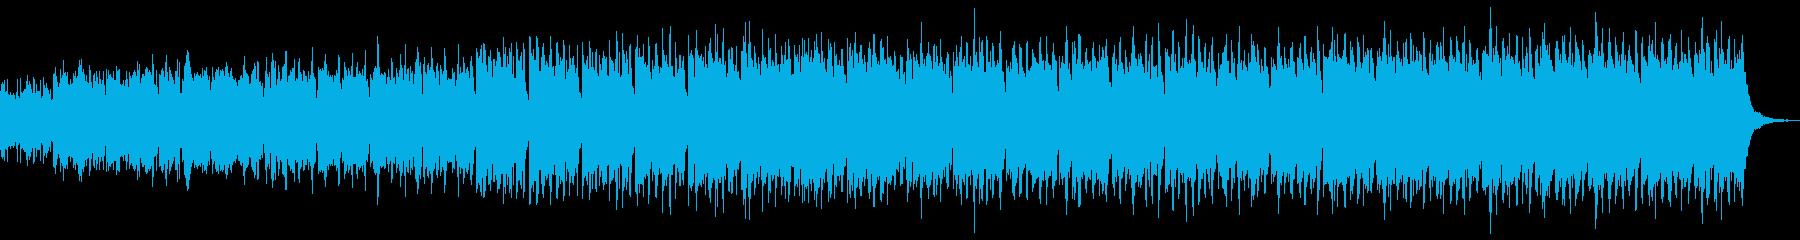 愉快なケルト音楽-おもちゃのパレード2の再生済みの波形